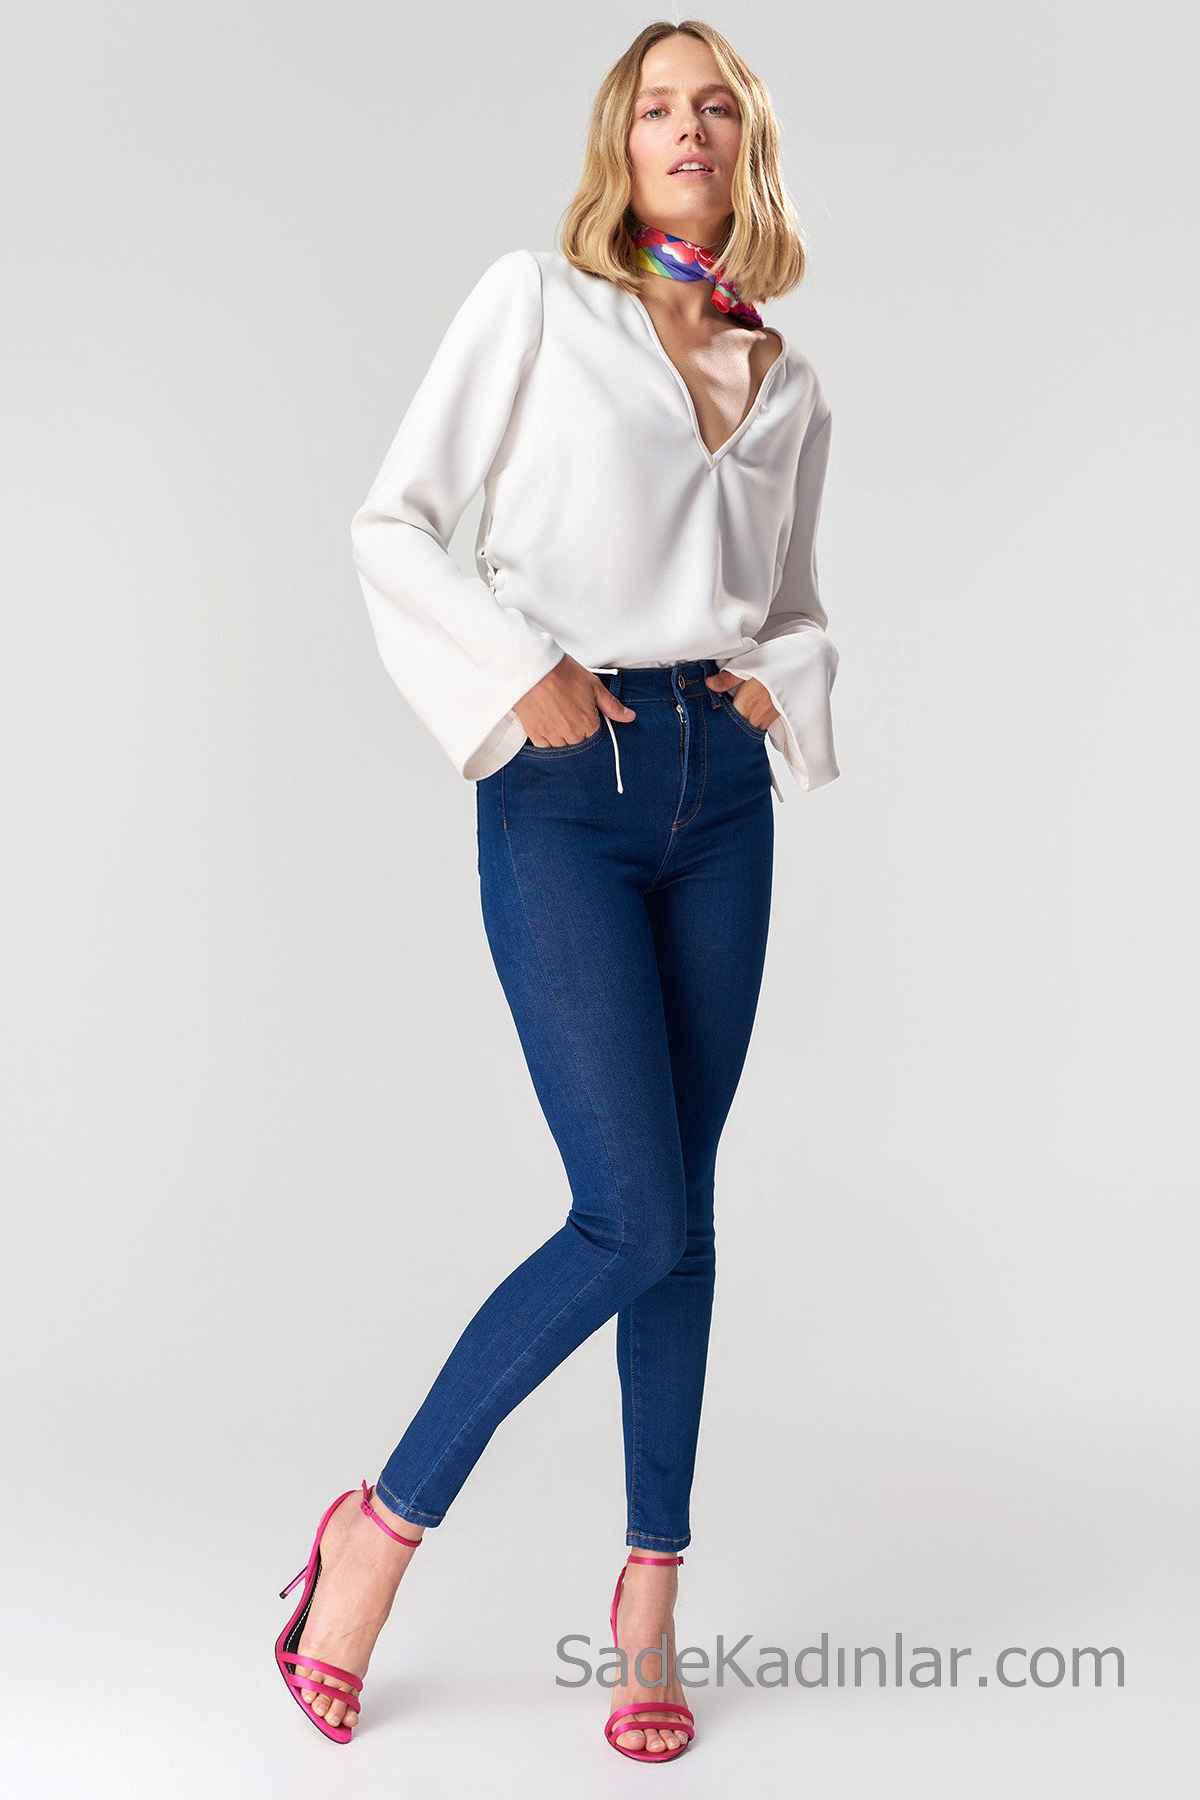 Pantolon Kombinleri Mavi Yüksel Bel Pantolon Beyaz V Yakalı Uzun Kollu Salaş Bluz